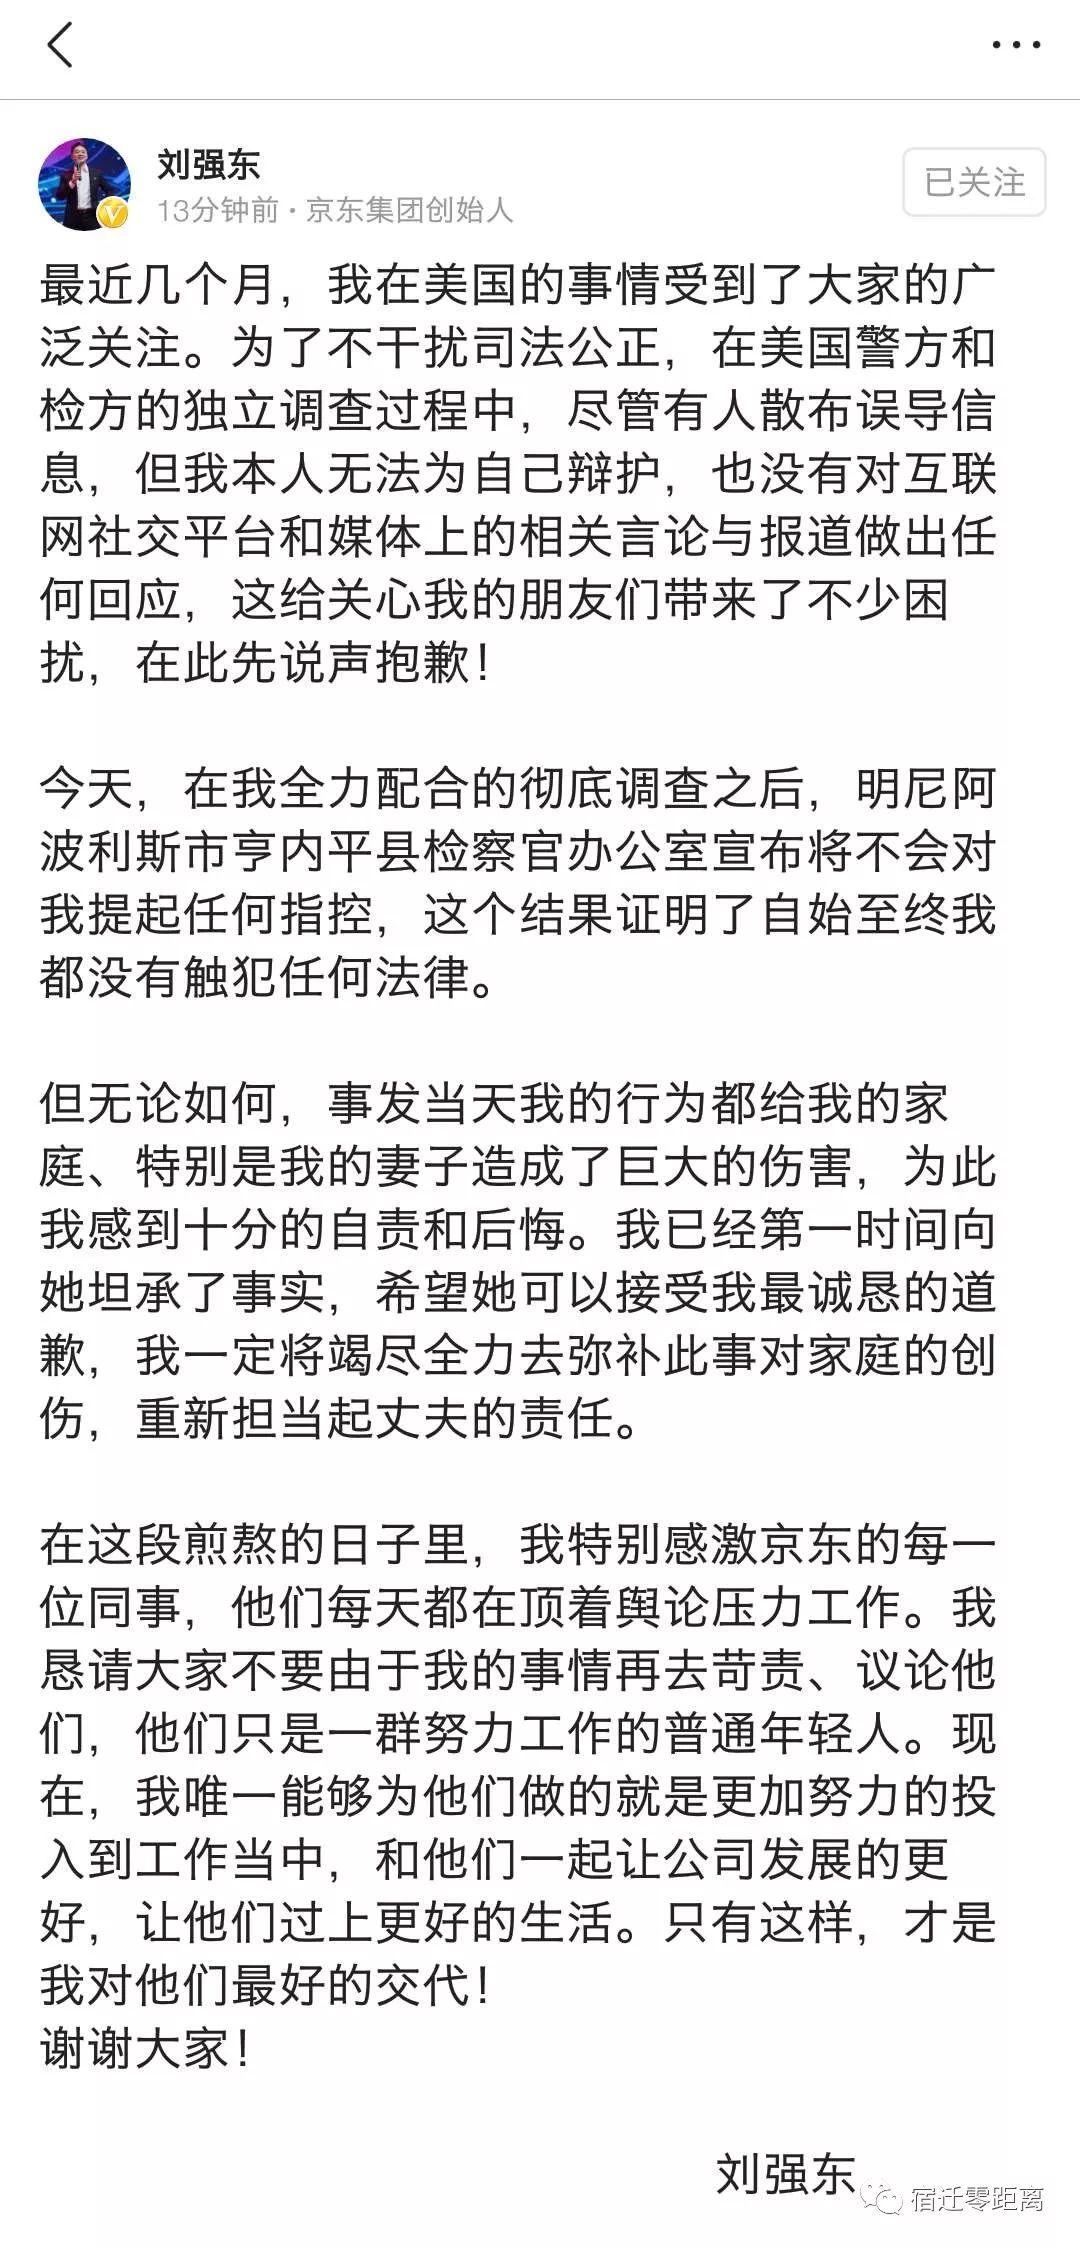 刘强东无罪!